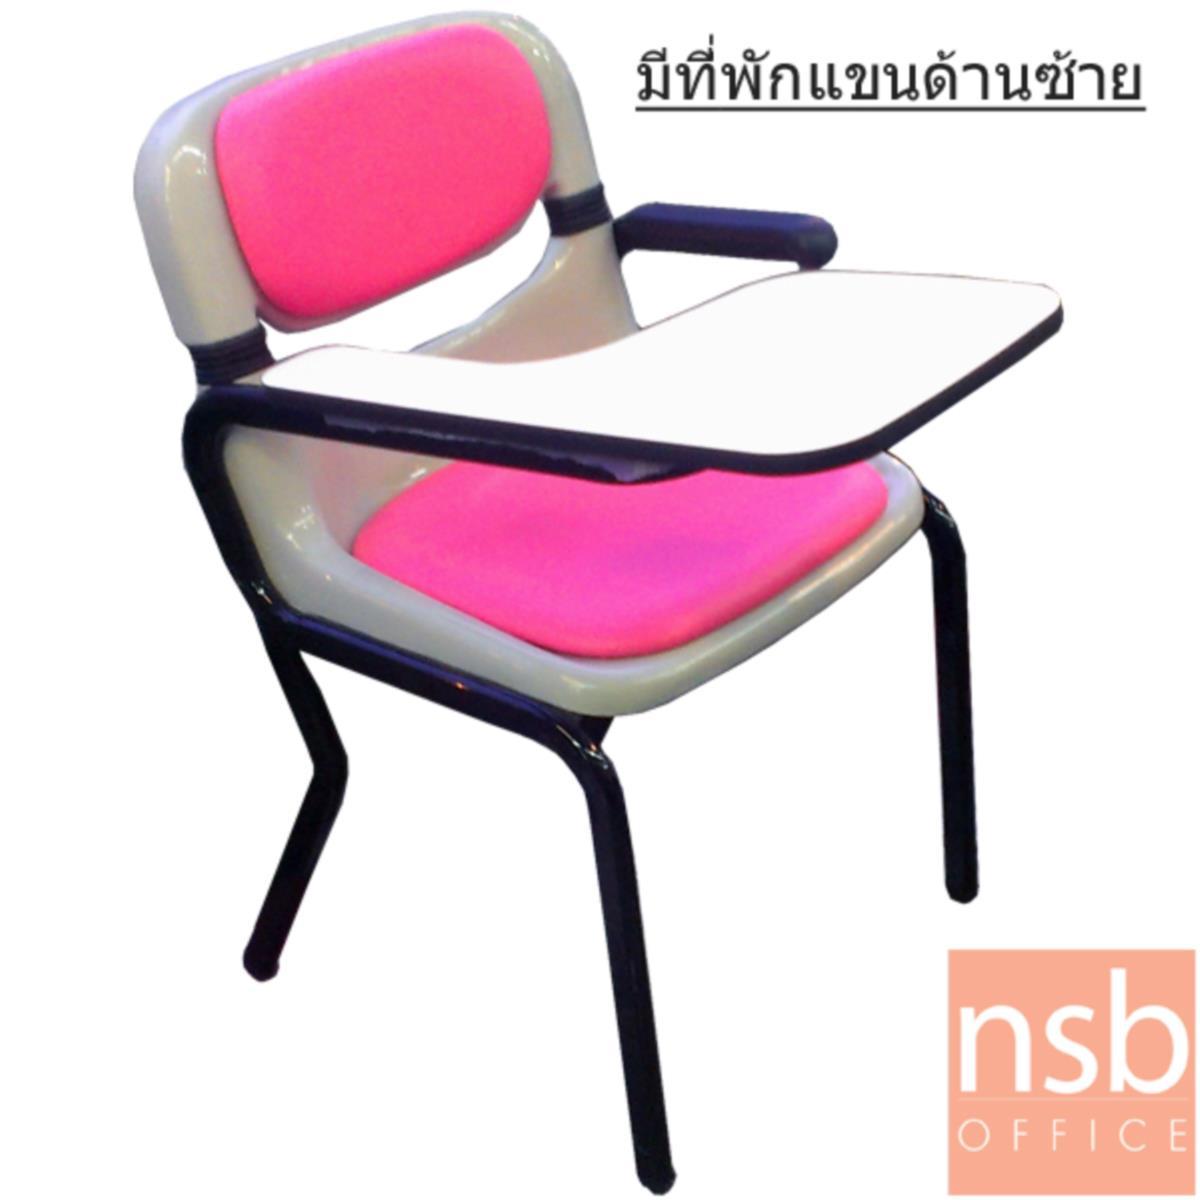 B07A029:เก้าอี้เลคเชอร์เฟรมโพลี่ รุ่น Darnetta (ดาเนตต้า) ขาเหล็กท่อแป๊บไข่